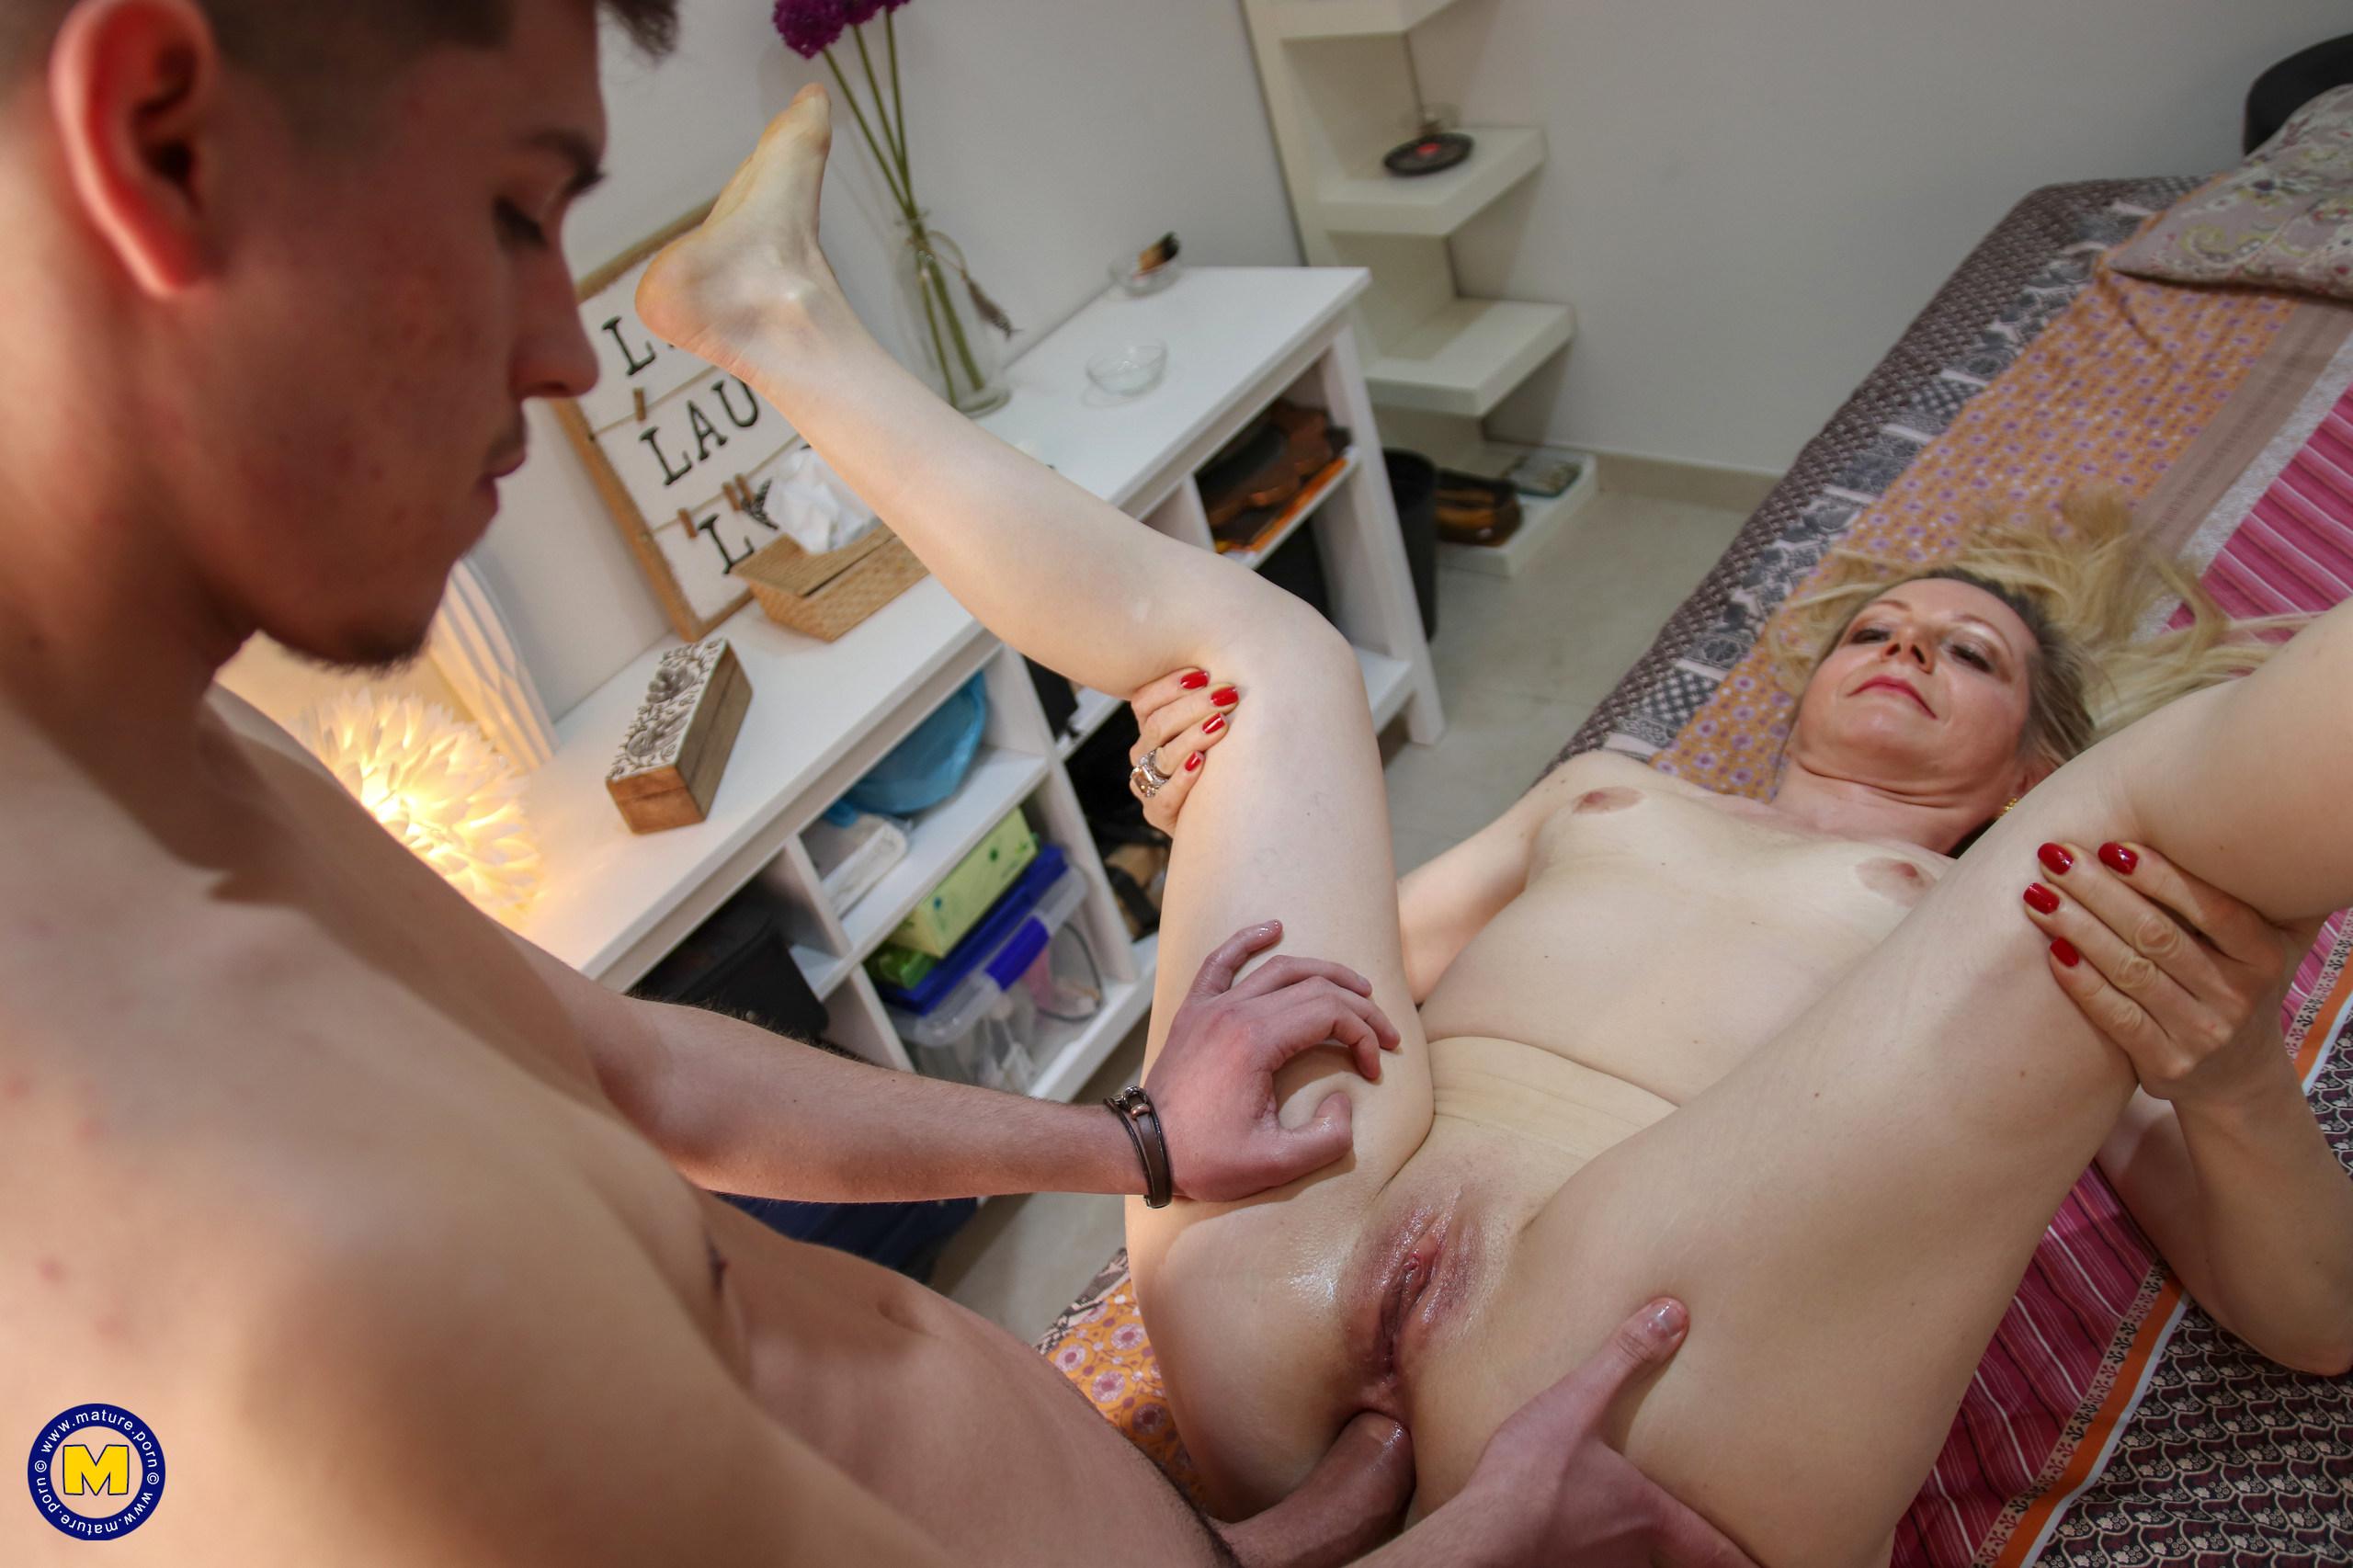 Mature Anal massag